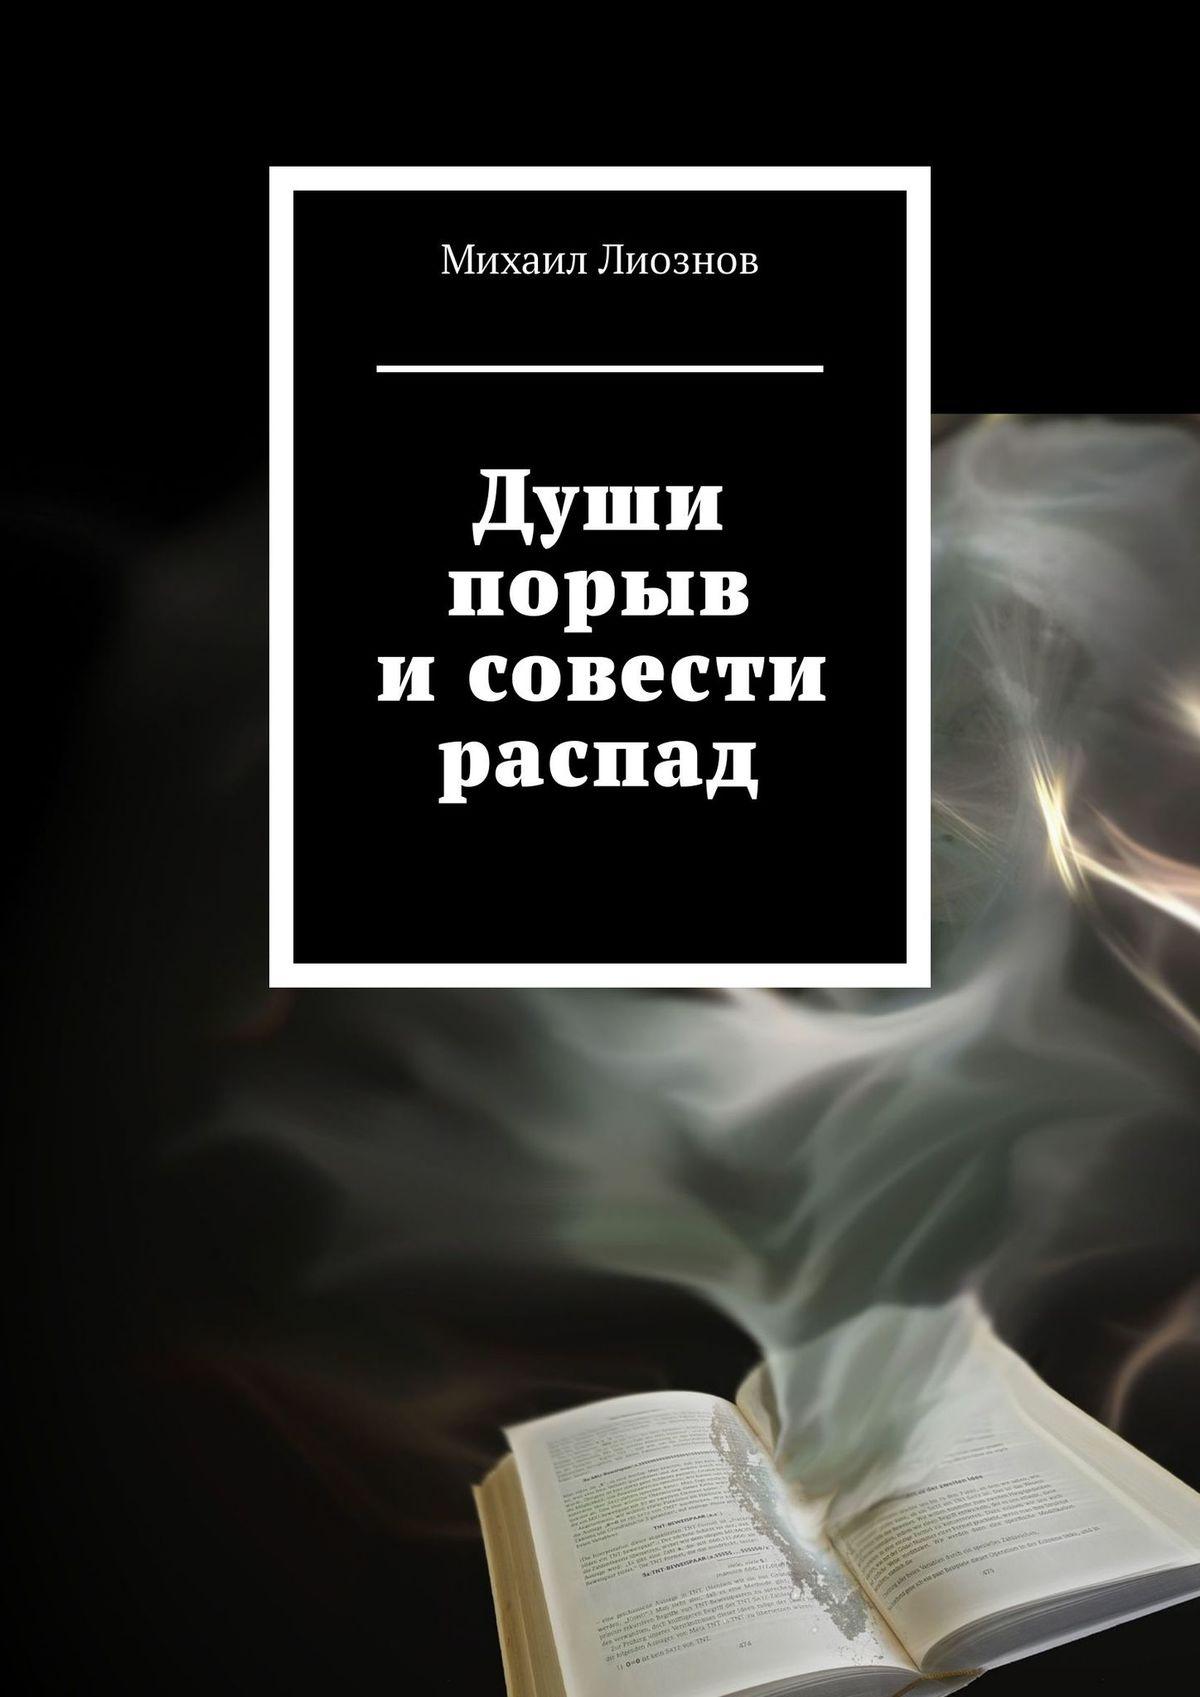 Михаил Лиозно Души поры и соести распад